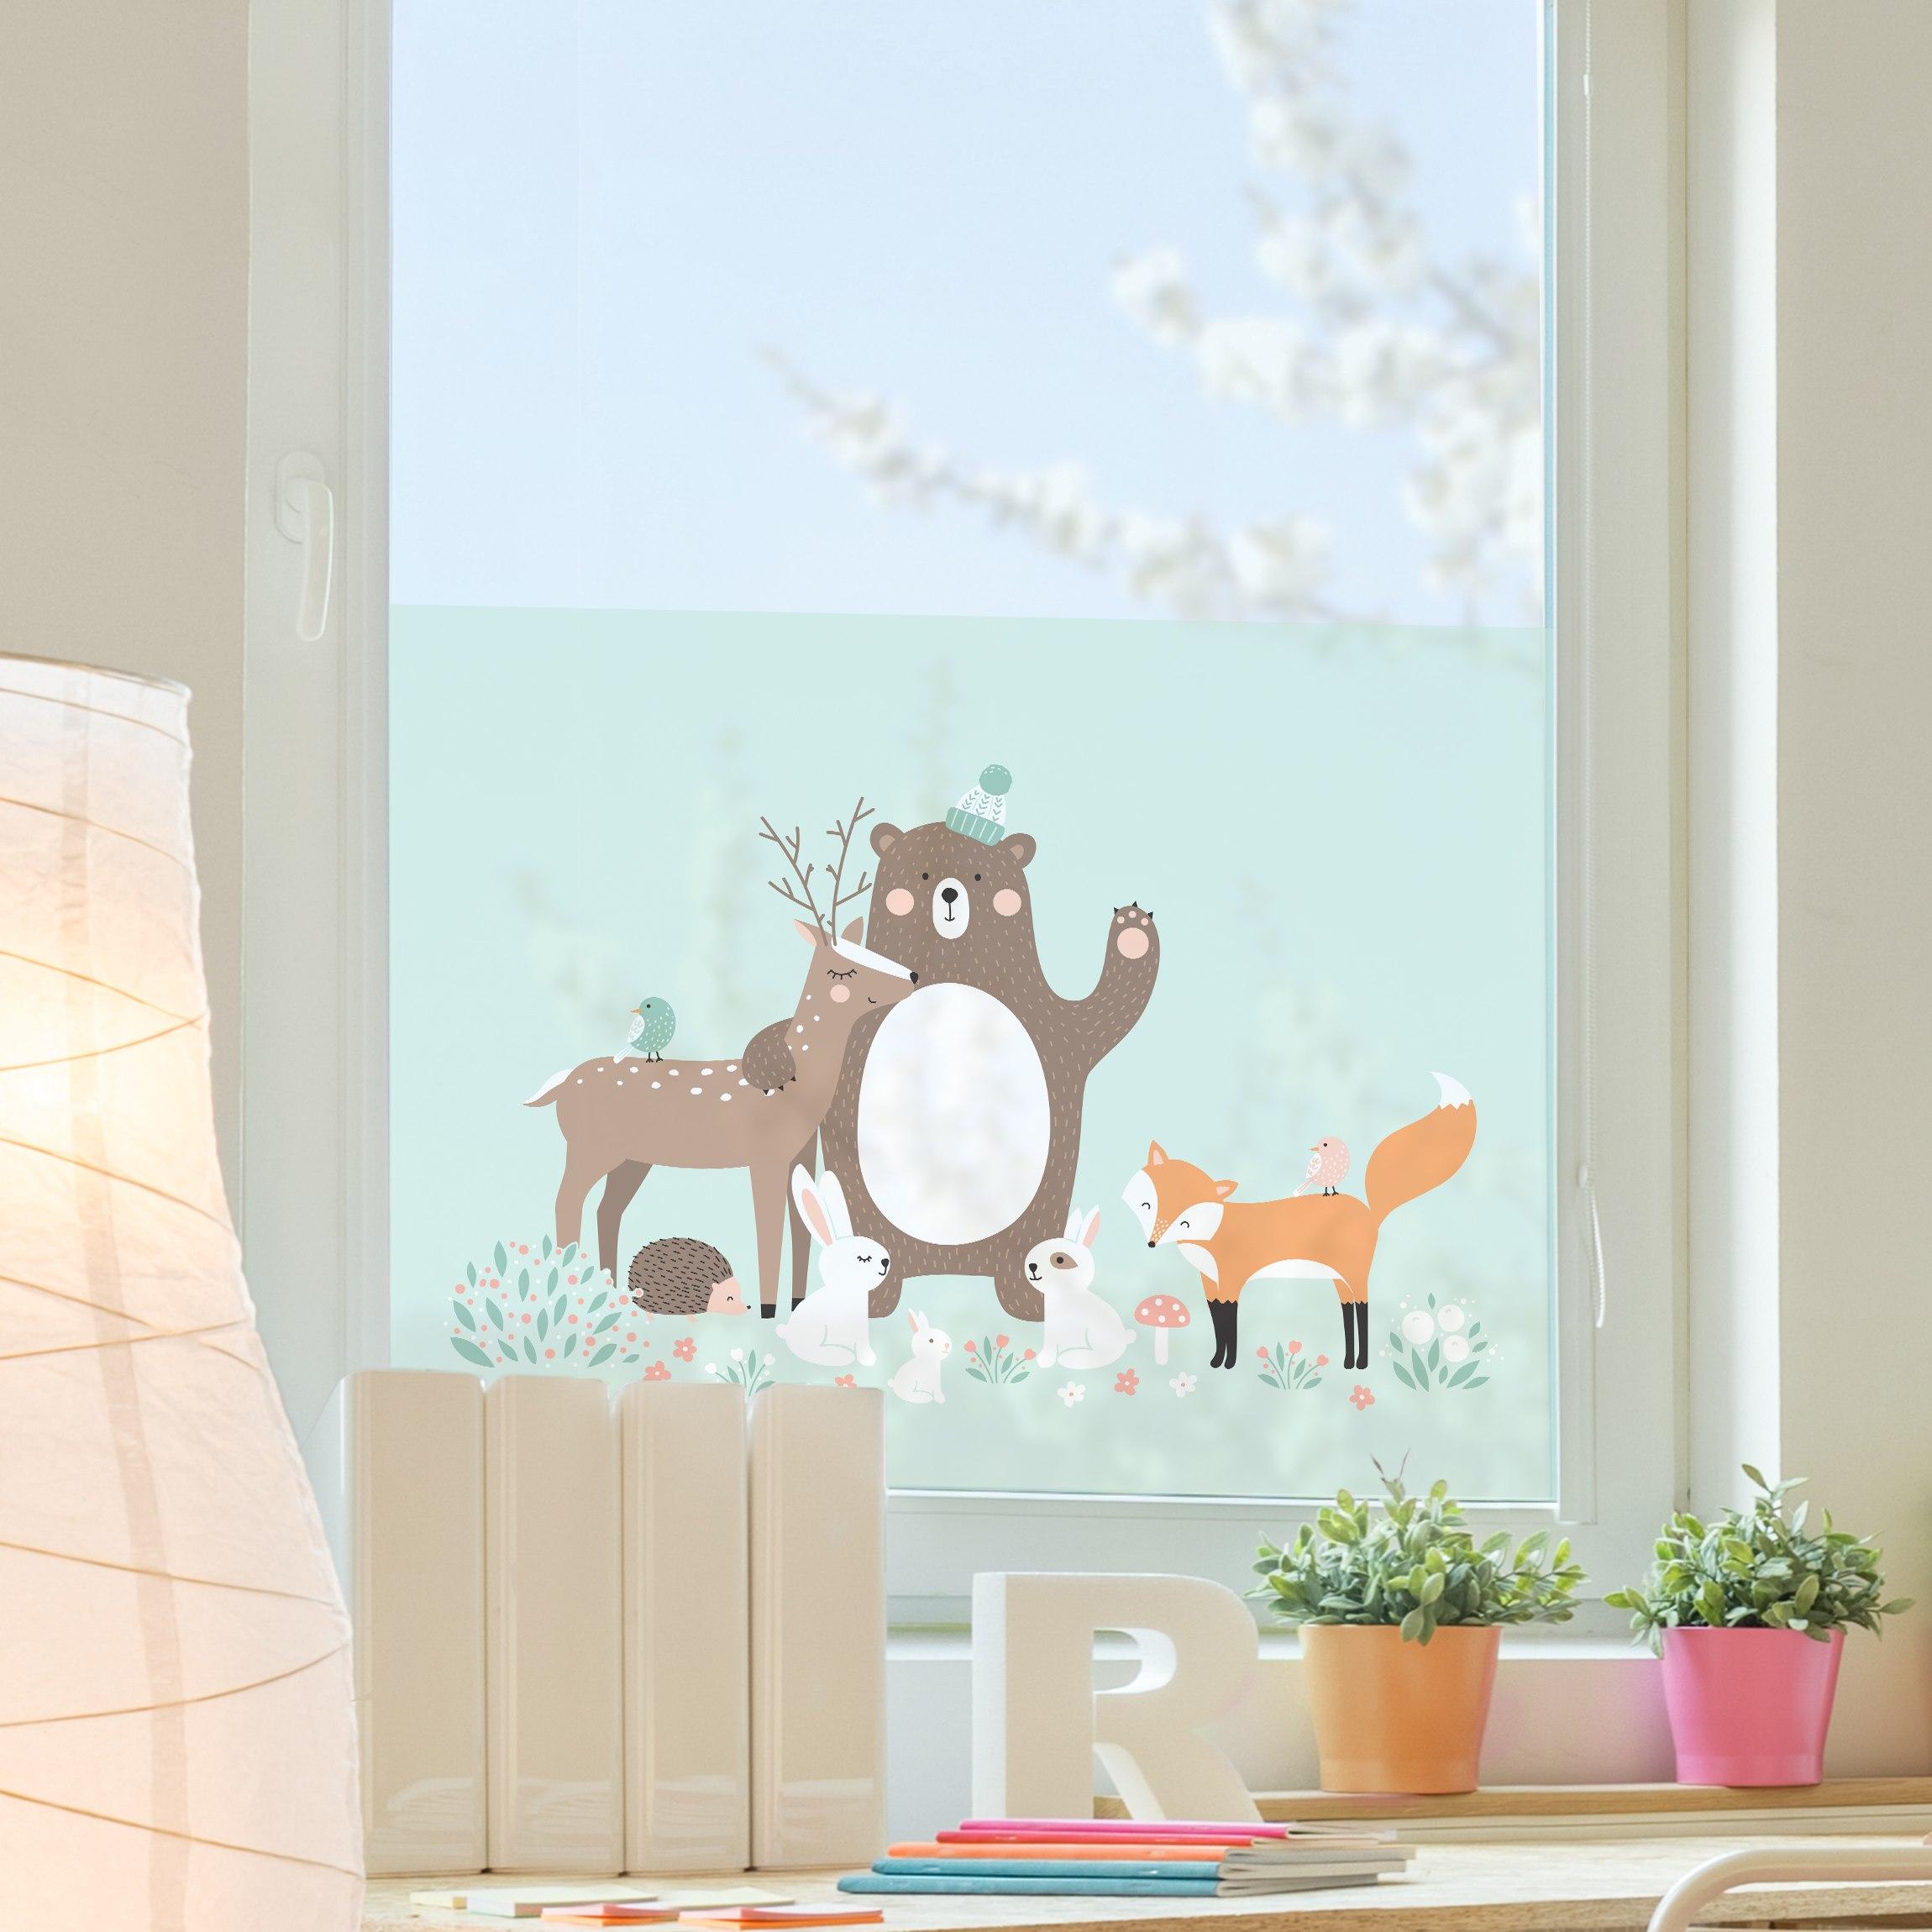 Full Size of Fensterfolie Sichtschutz Fenster Forest Friends Mit Waldtieren Einbauen Kosten Polnische Deckenlampen Für Wohnzimmer Auto Folie Plissee Auf Maß Fenster Sichtschutz Für Fenster